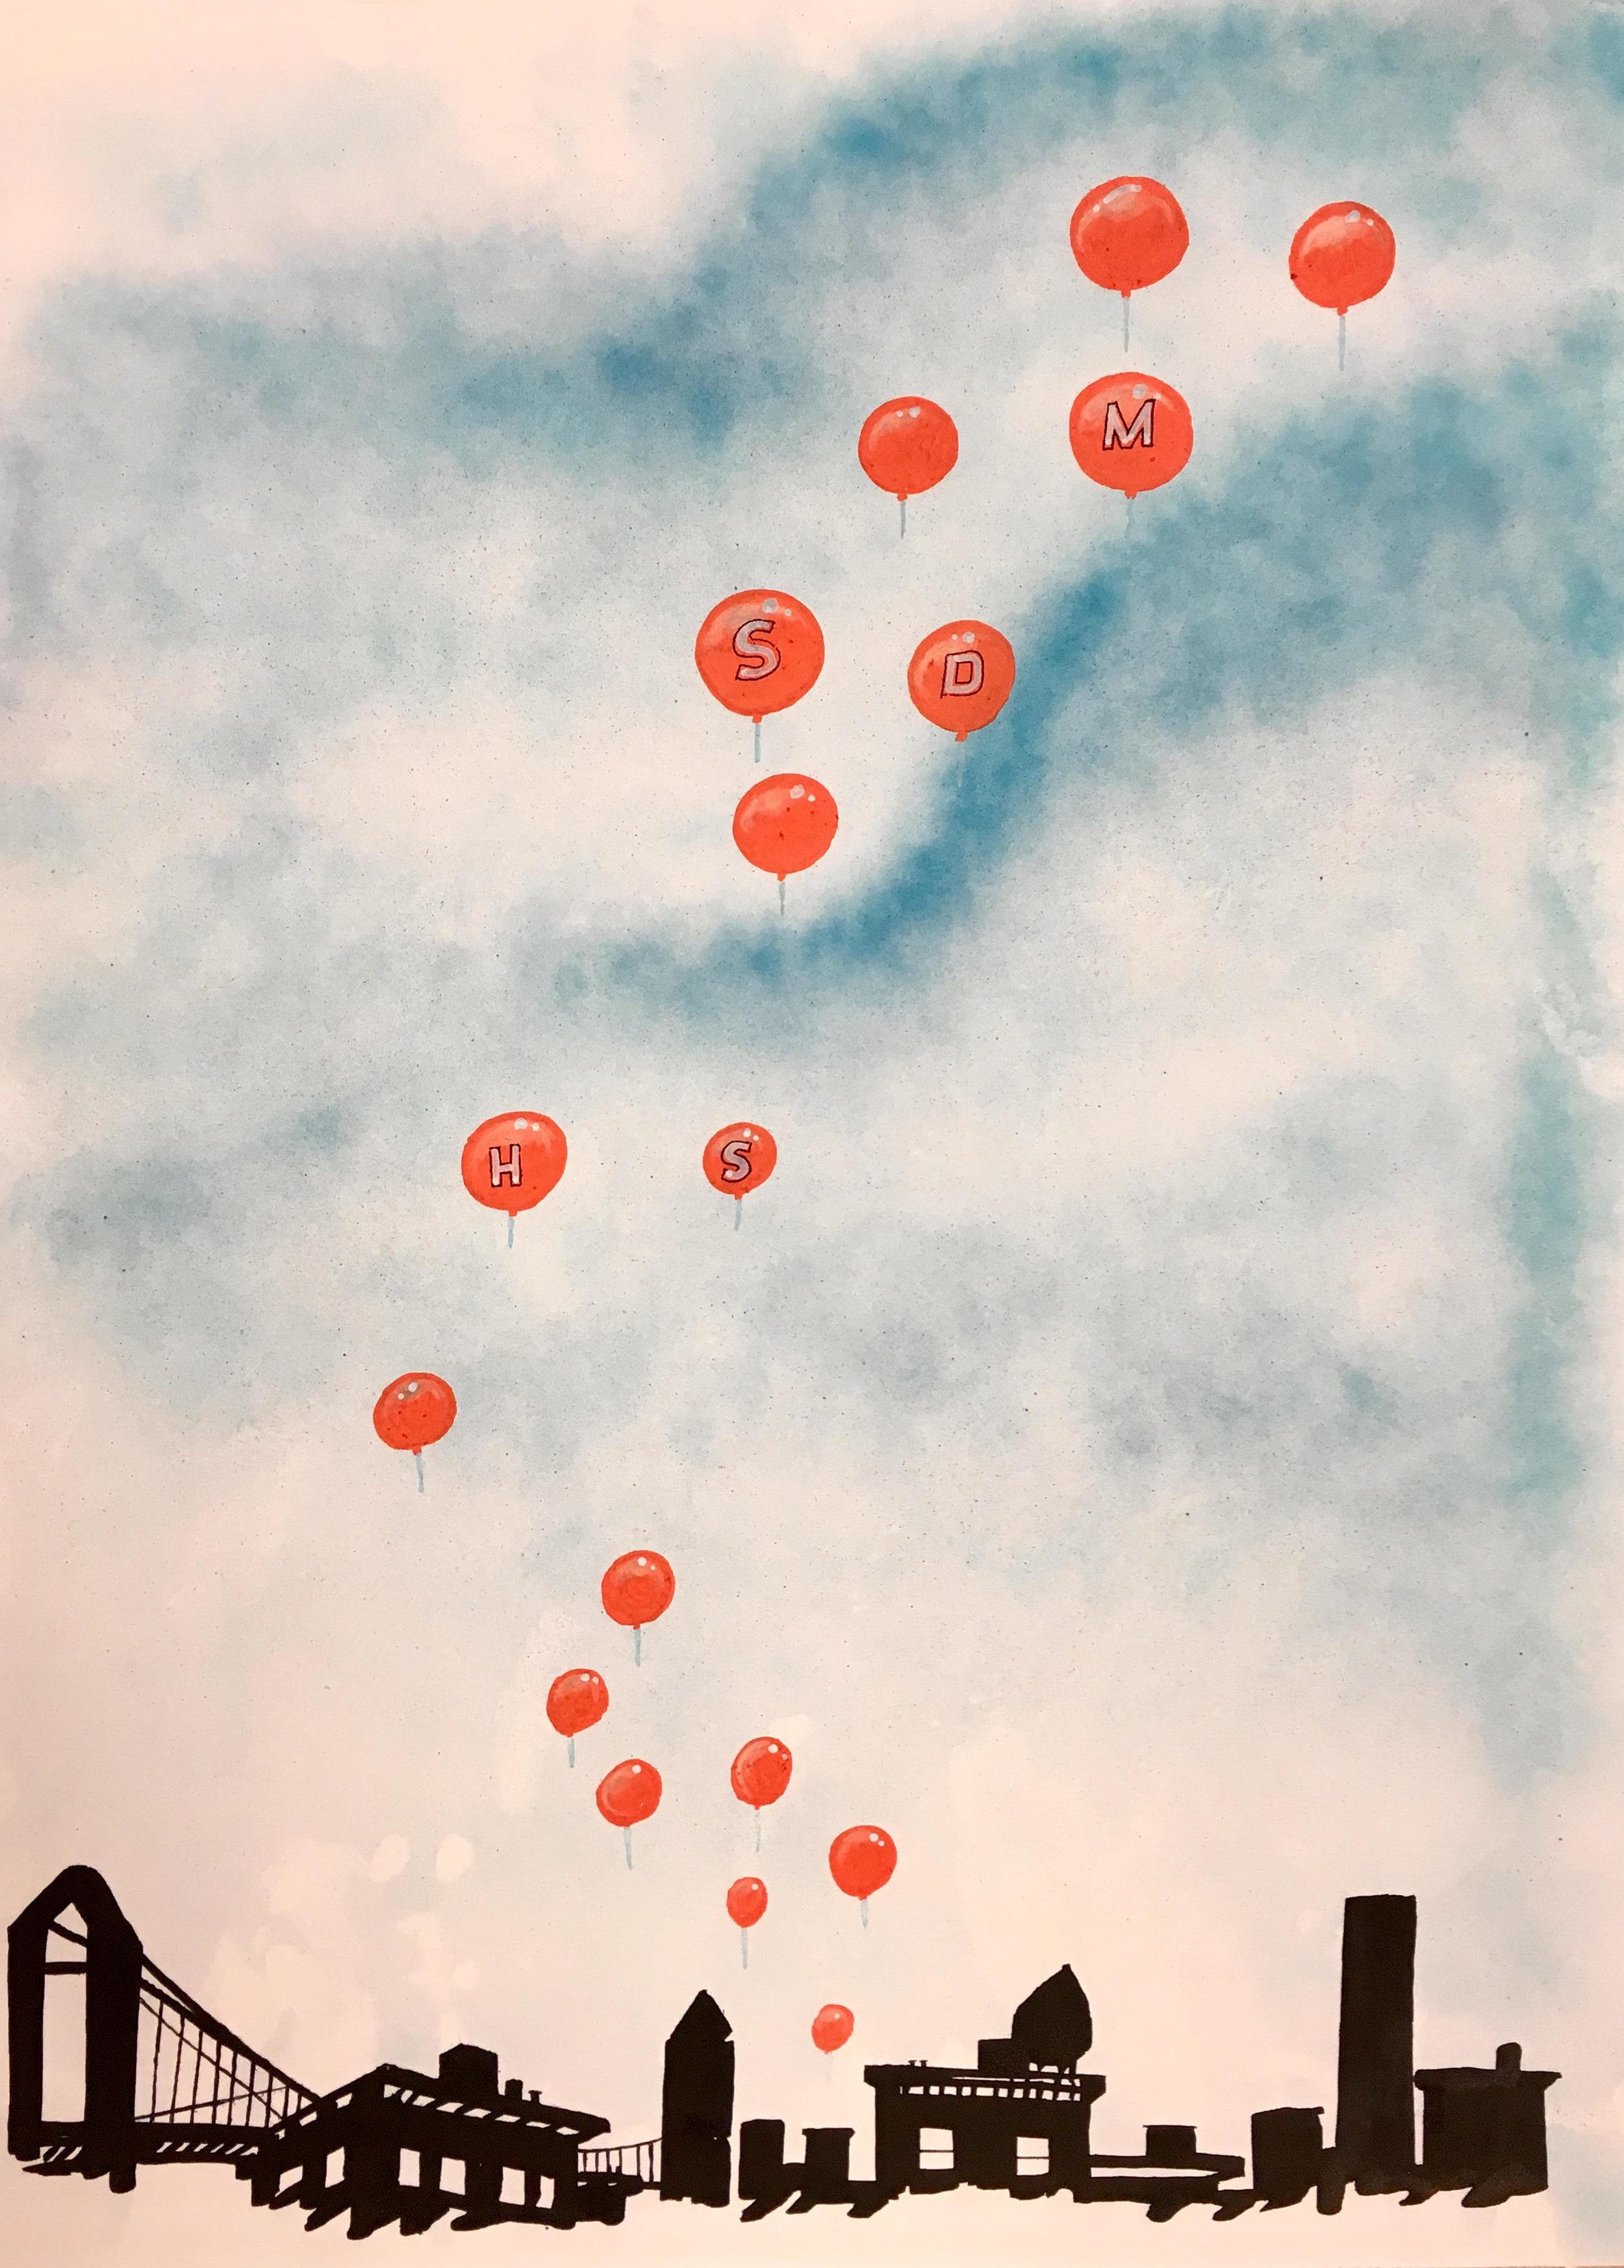 17 Ballons.jpg